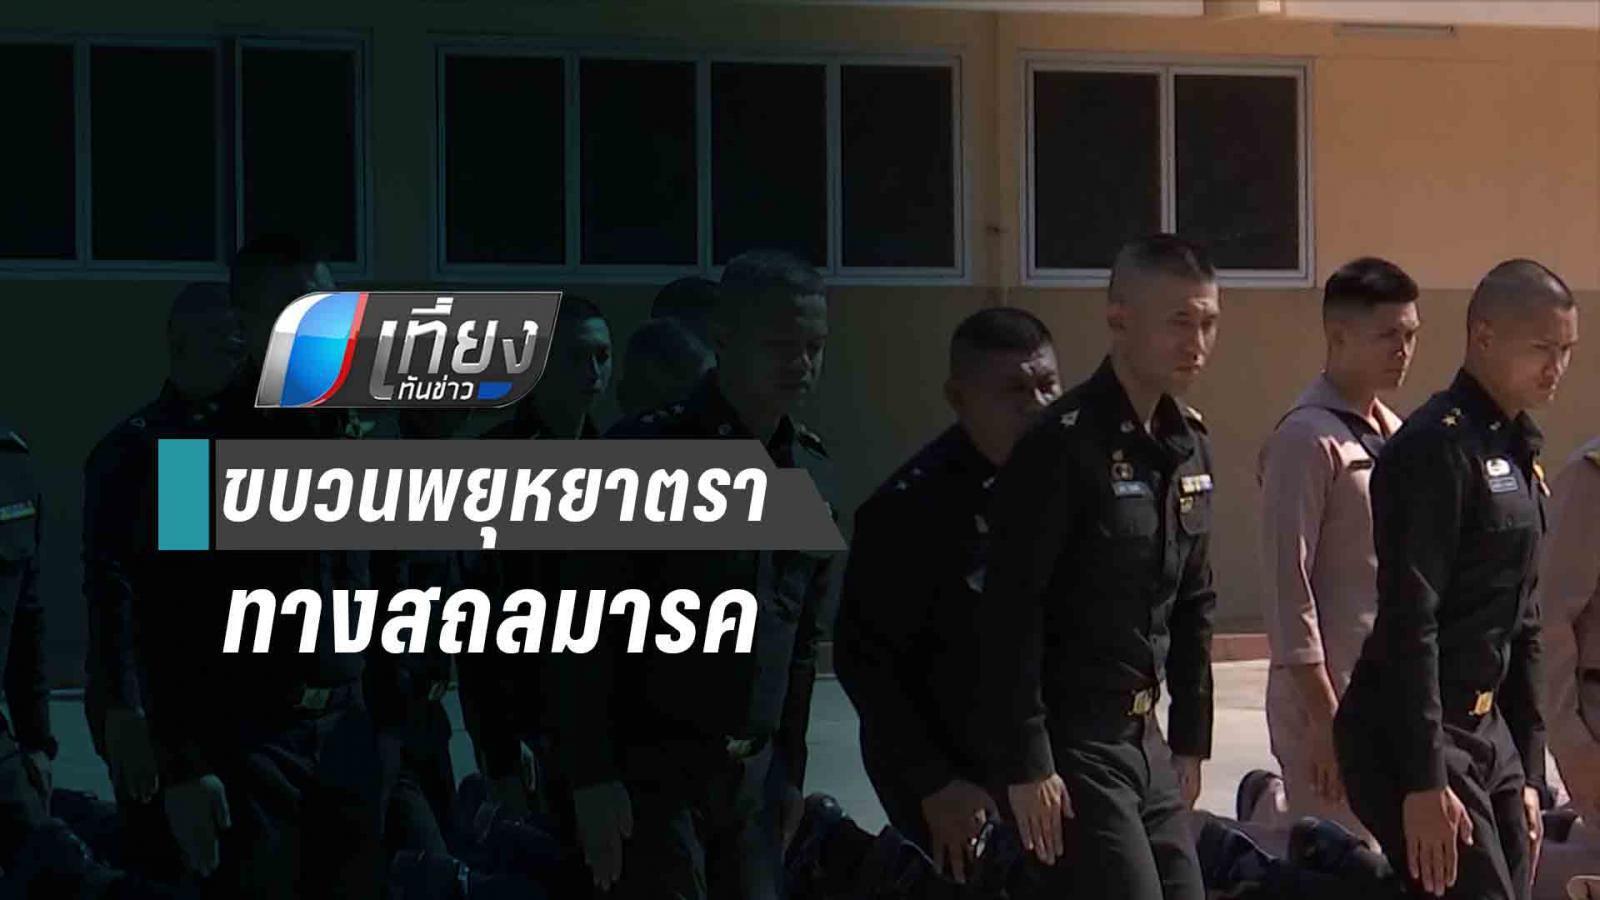 กรมสรรพาวุธเปิดฝึกครูผู้สอนฝึกทหารร่วมขบวนพยุหยาตราฯ